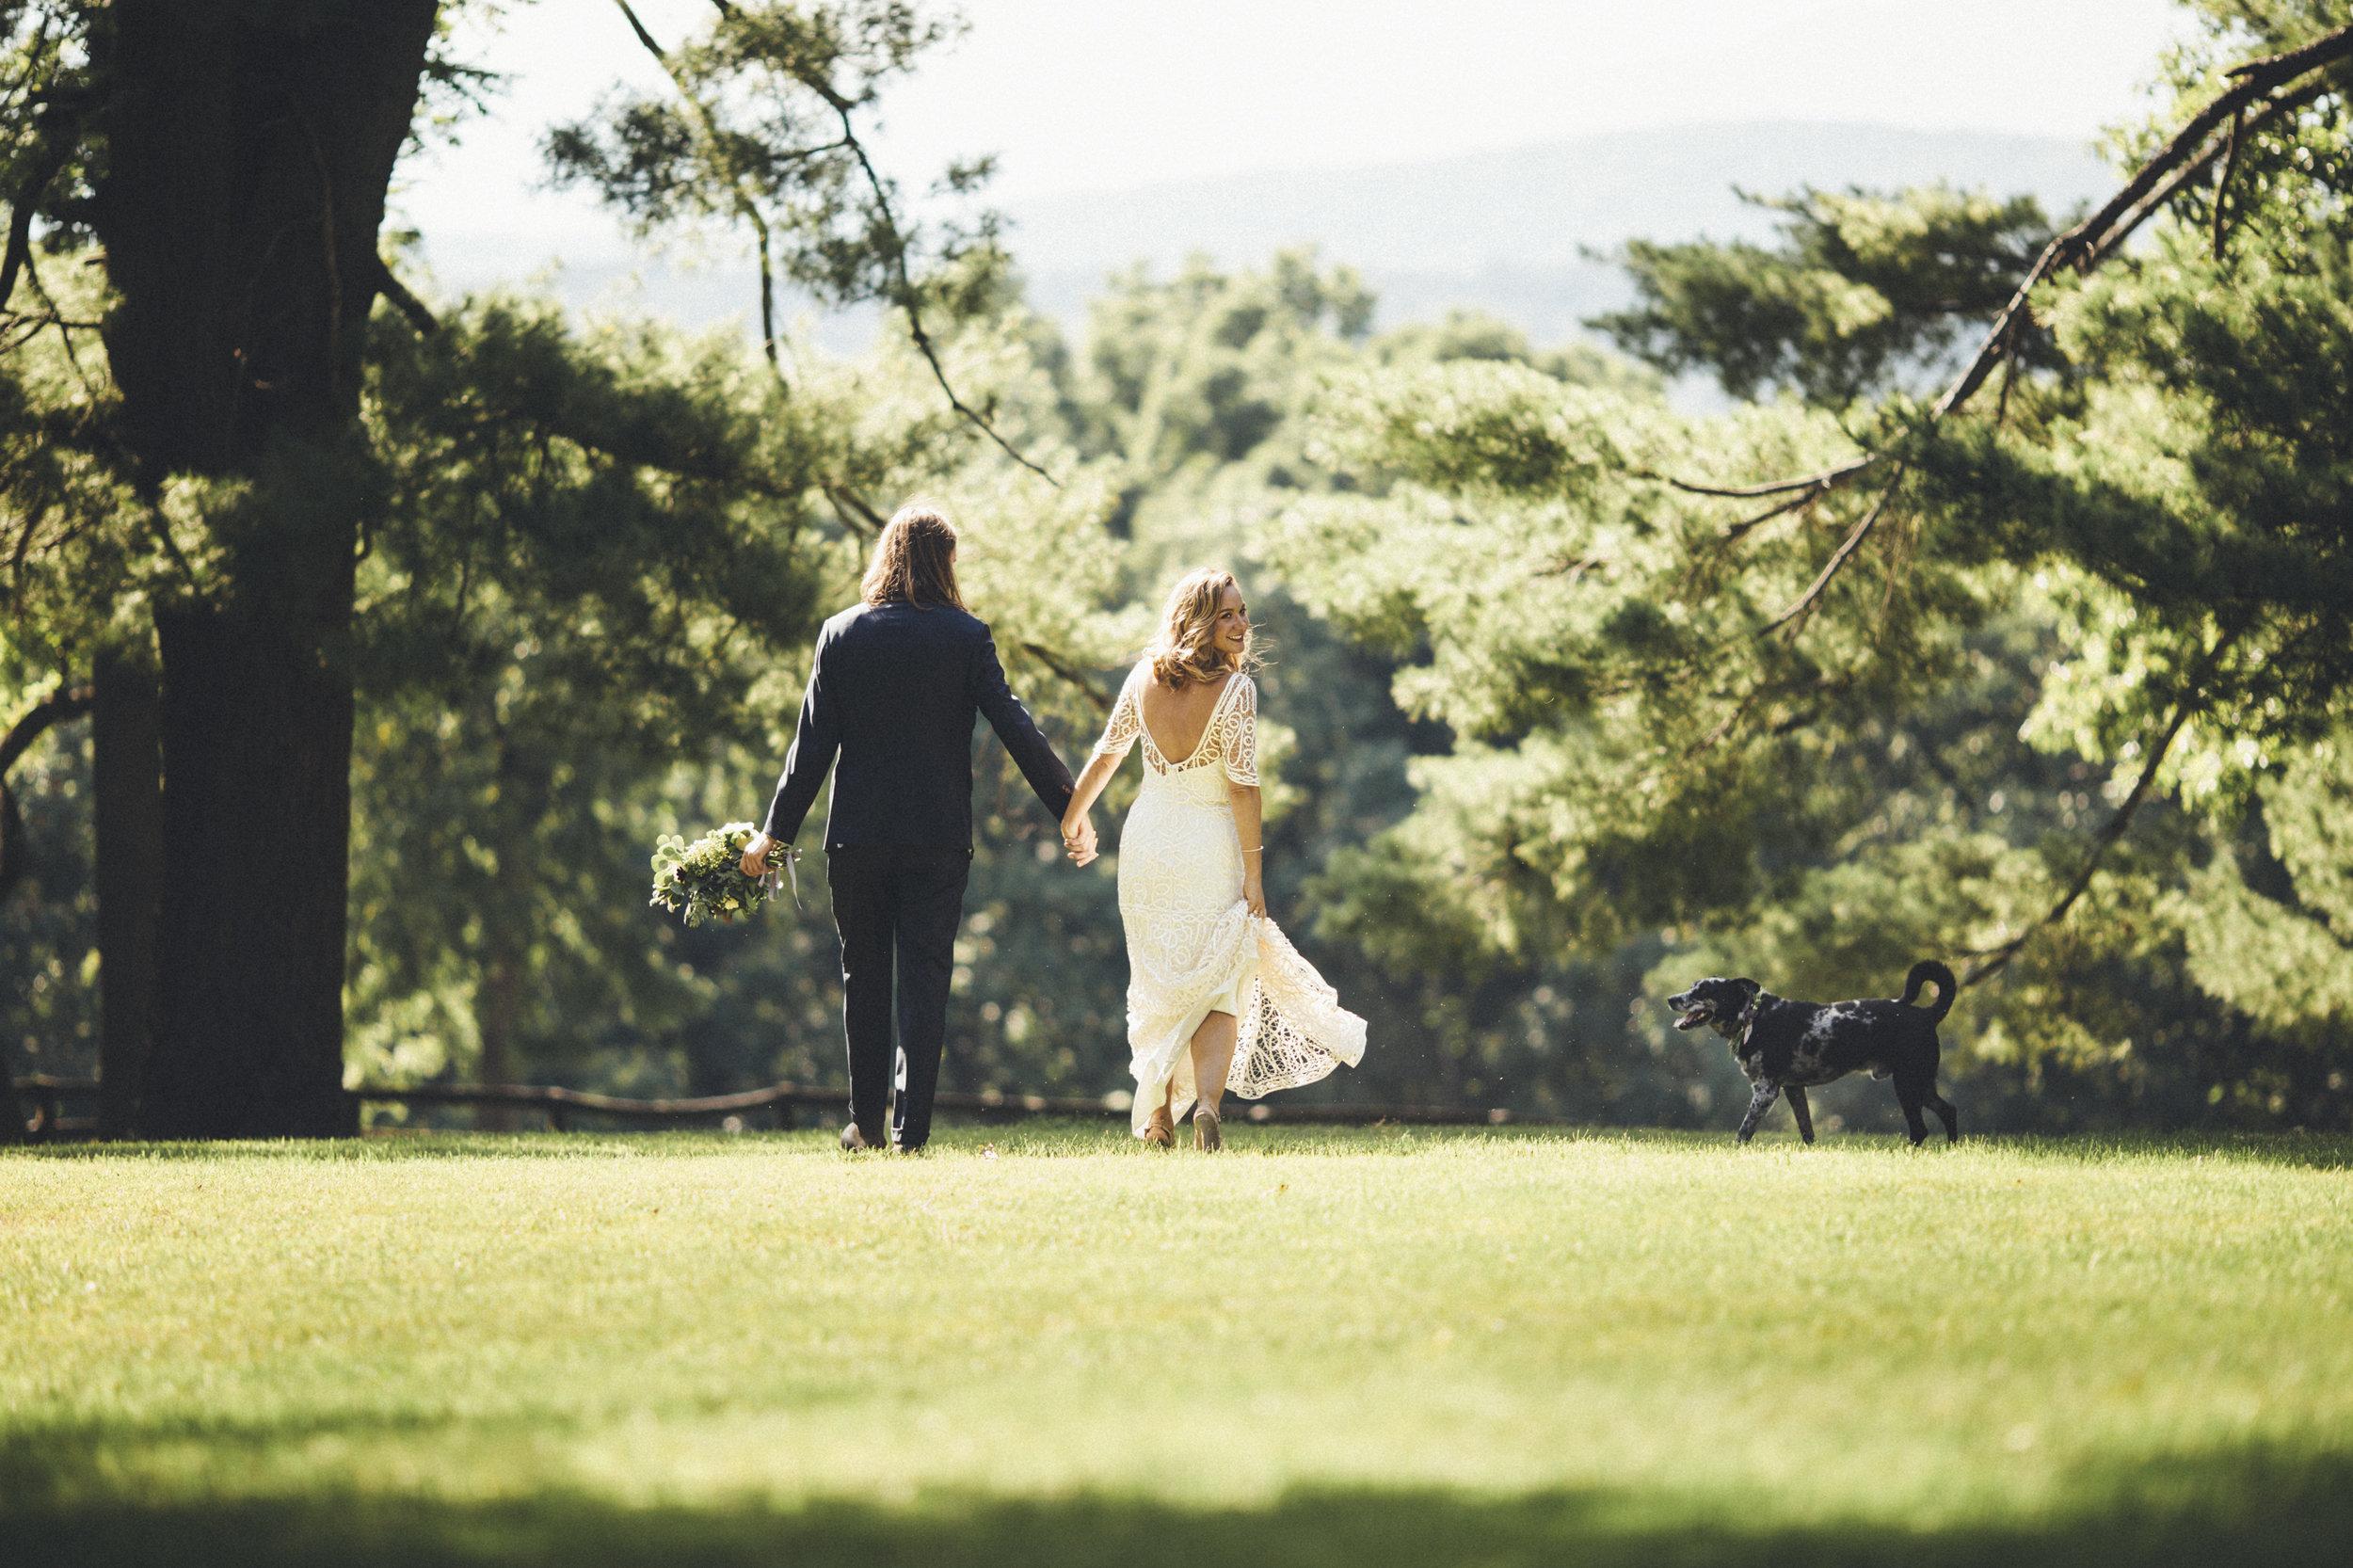 Em_and_Ax_00_wedding-253.jpg